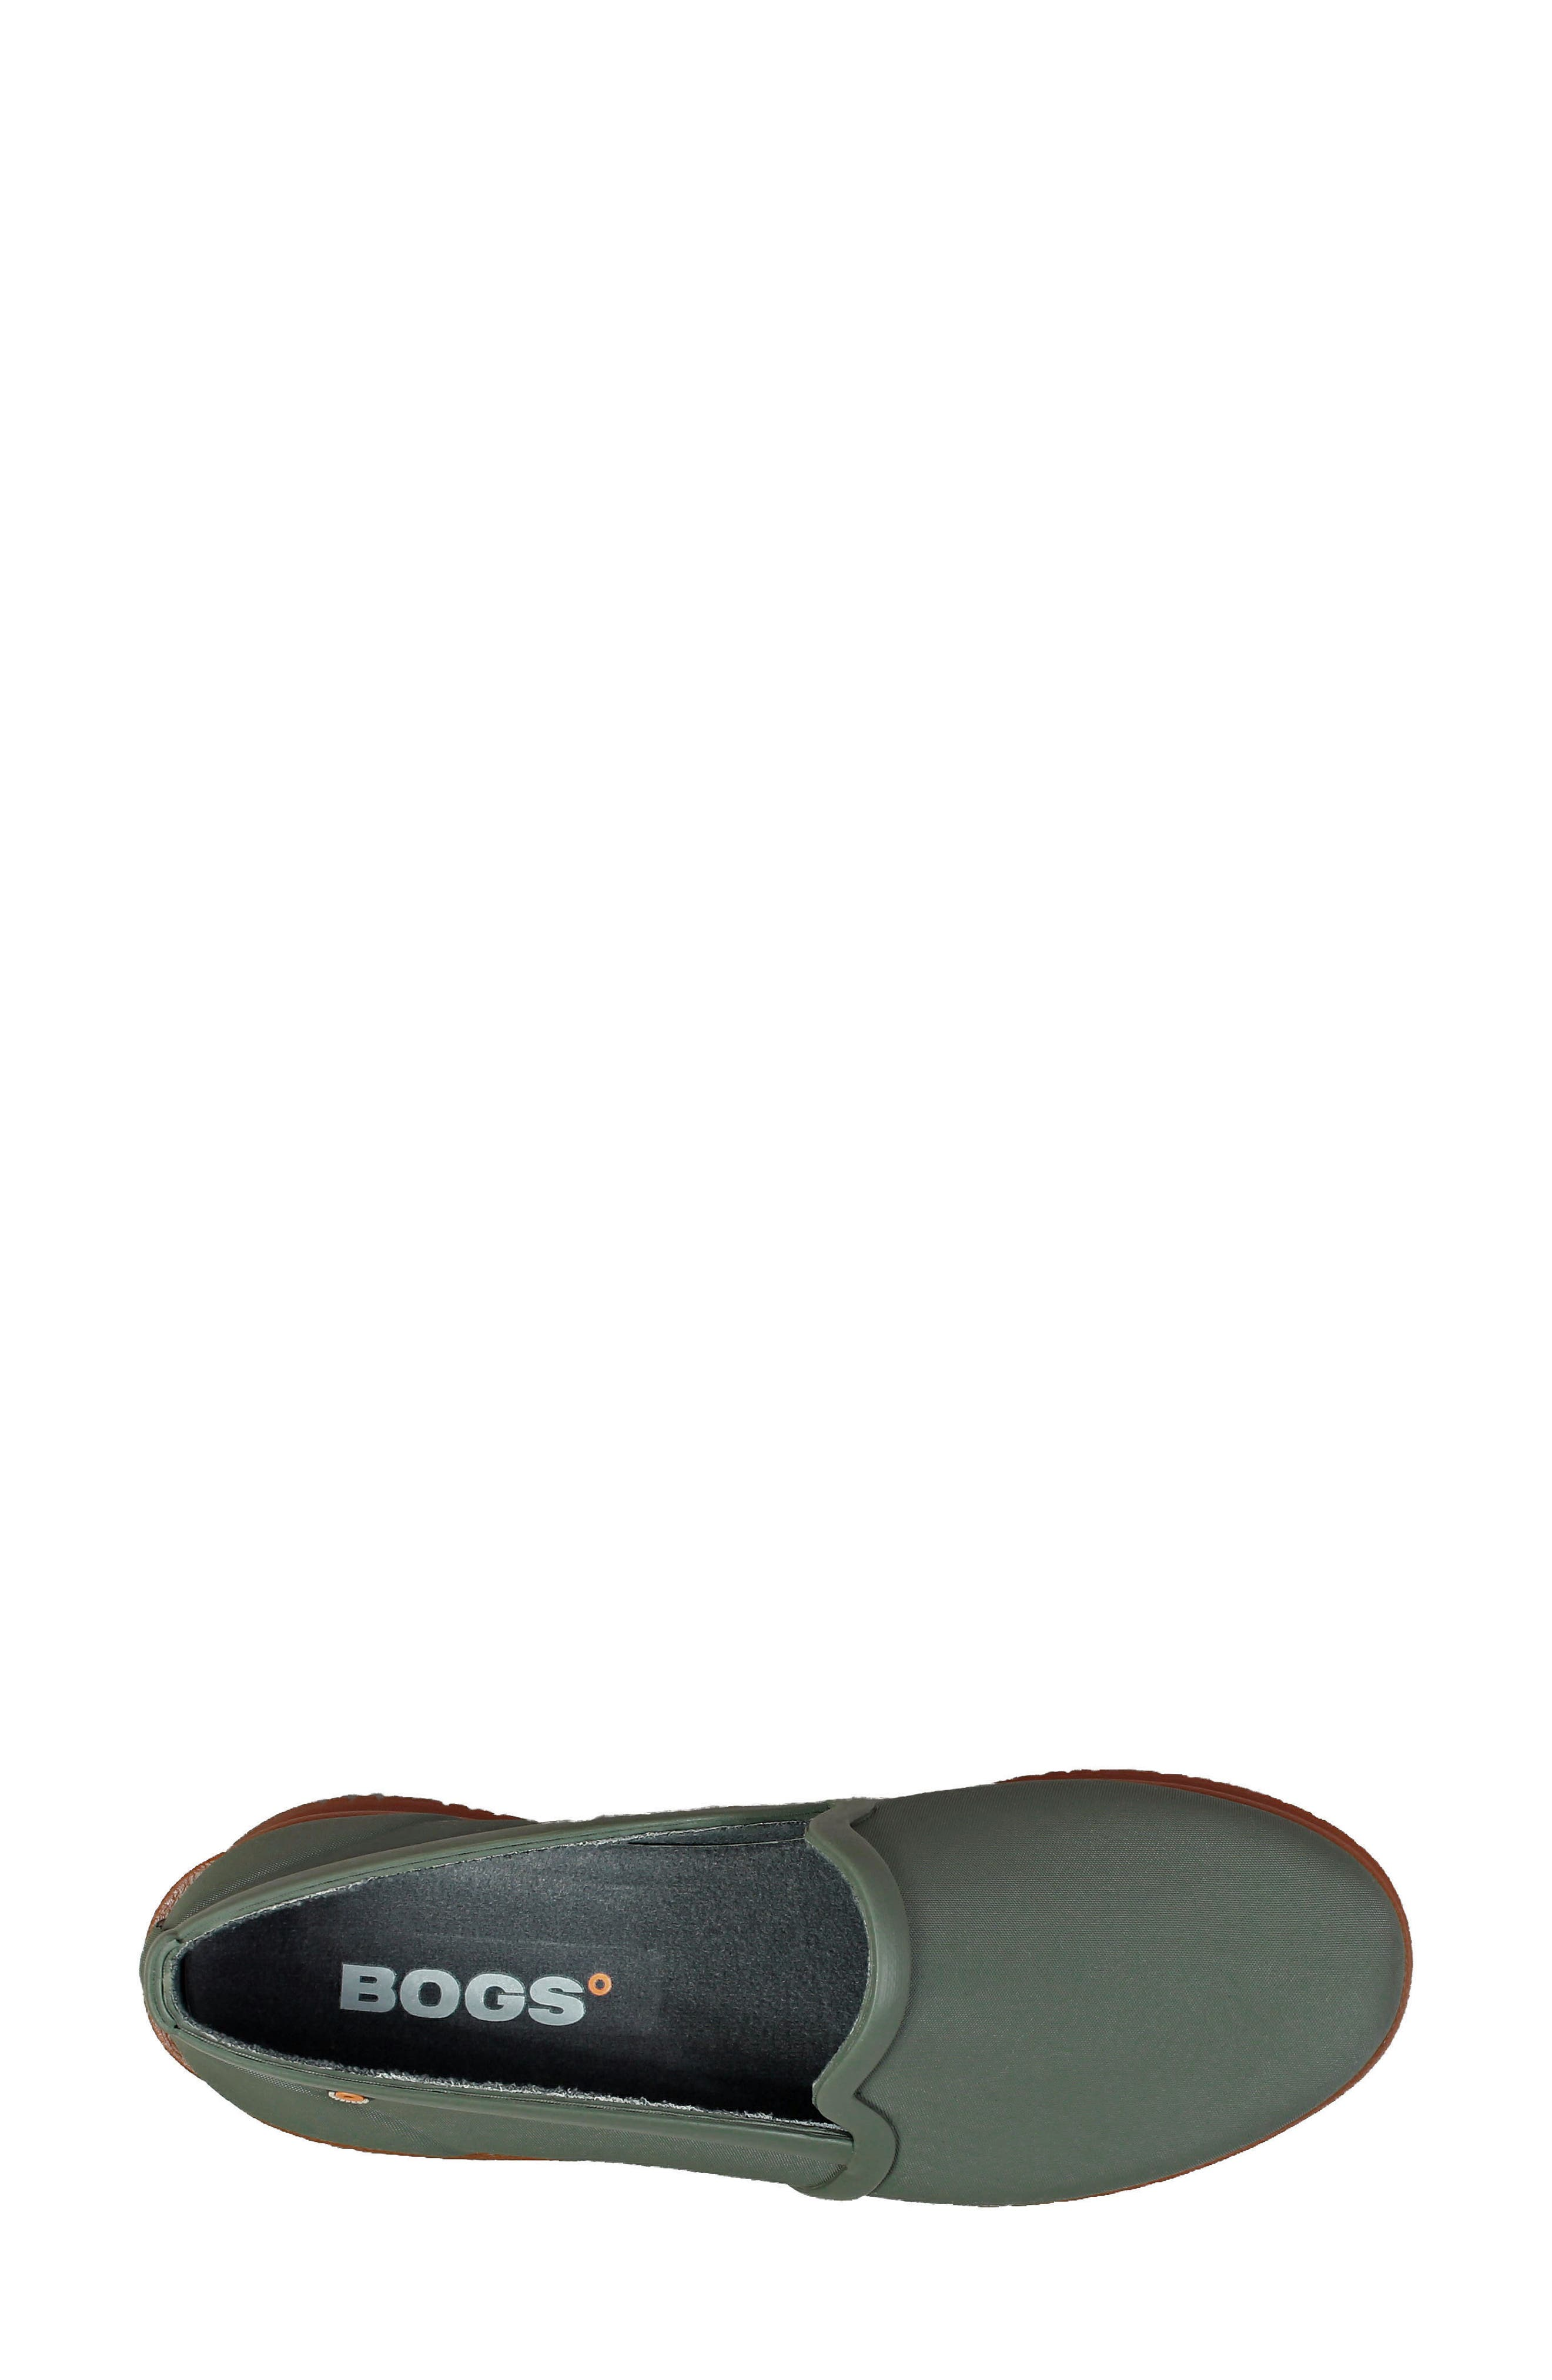 BOGS,                             Sweetpea Waterproof Slip-On Sneaker,                             Alternate thumbnail 5, color,                             SAGE